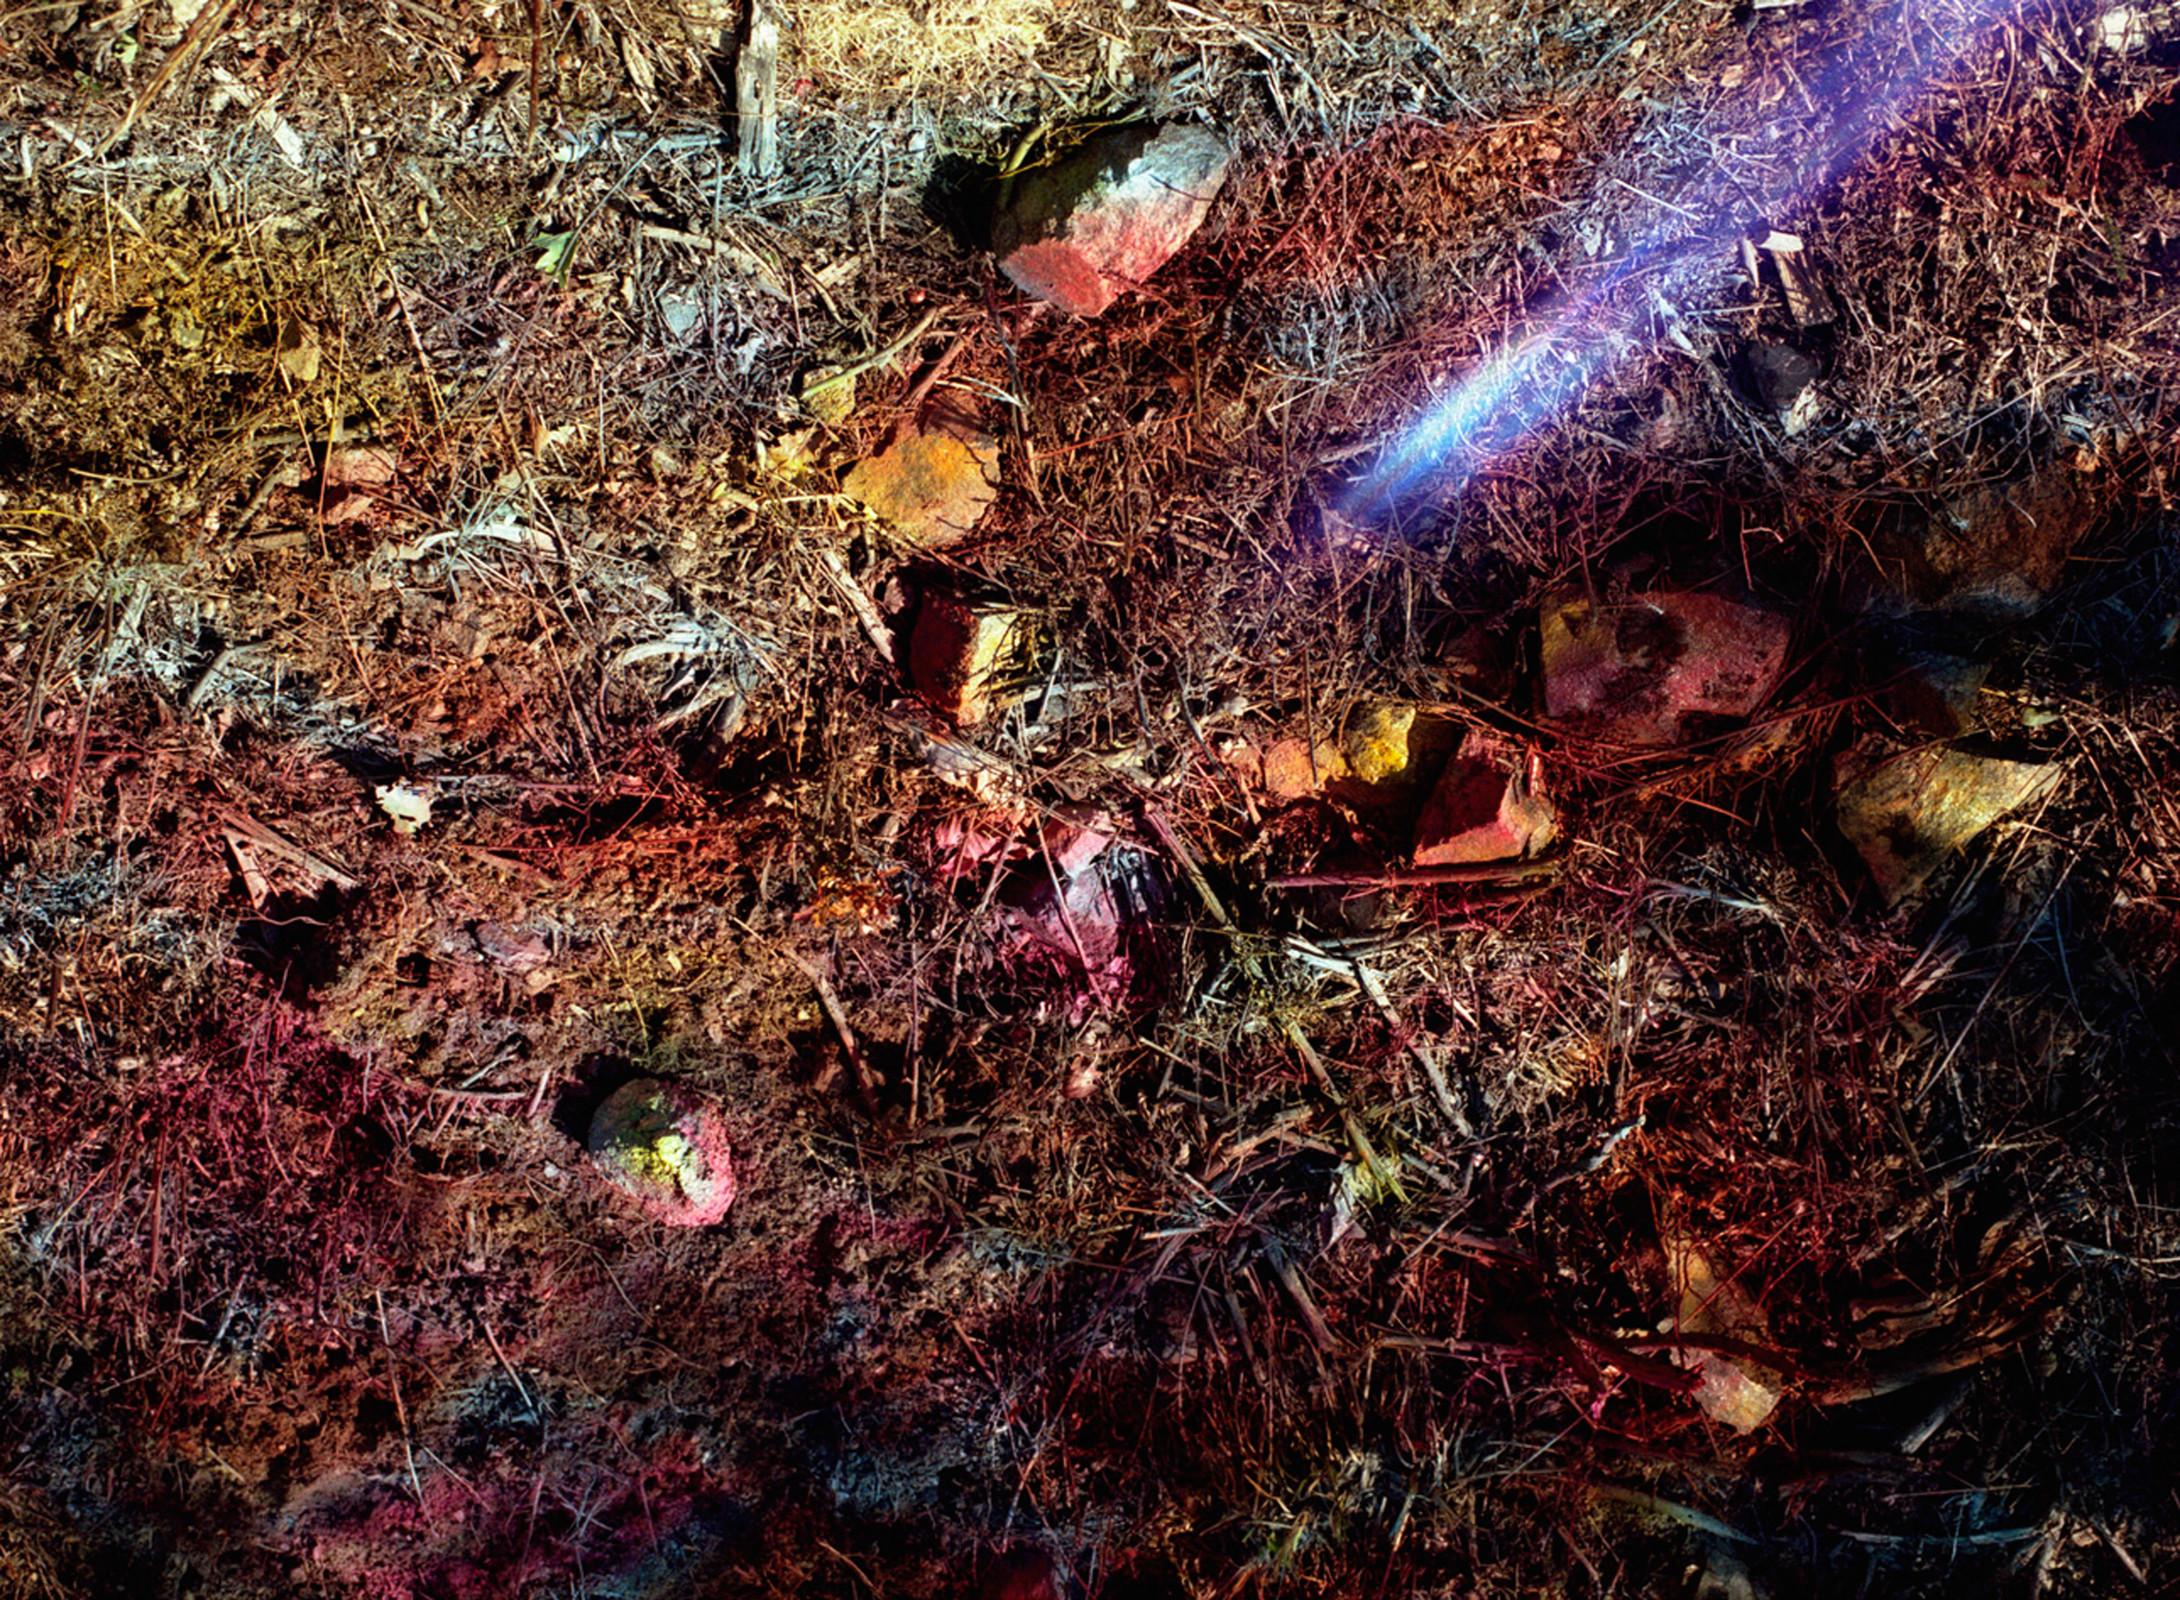 Shady — © 2005 Estelle Hanania